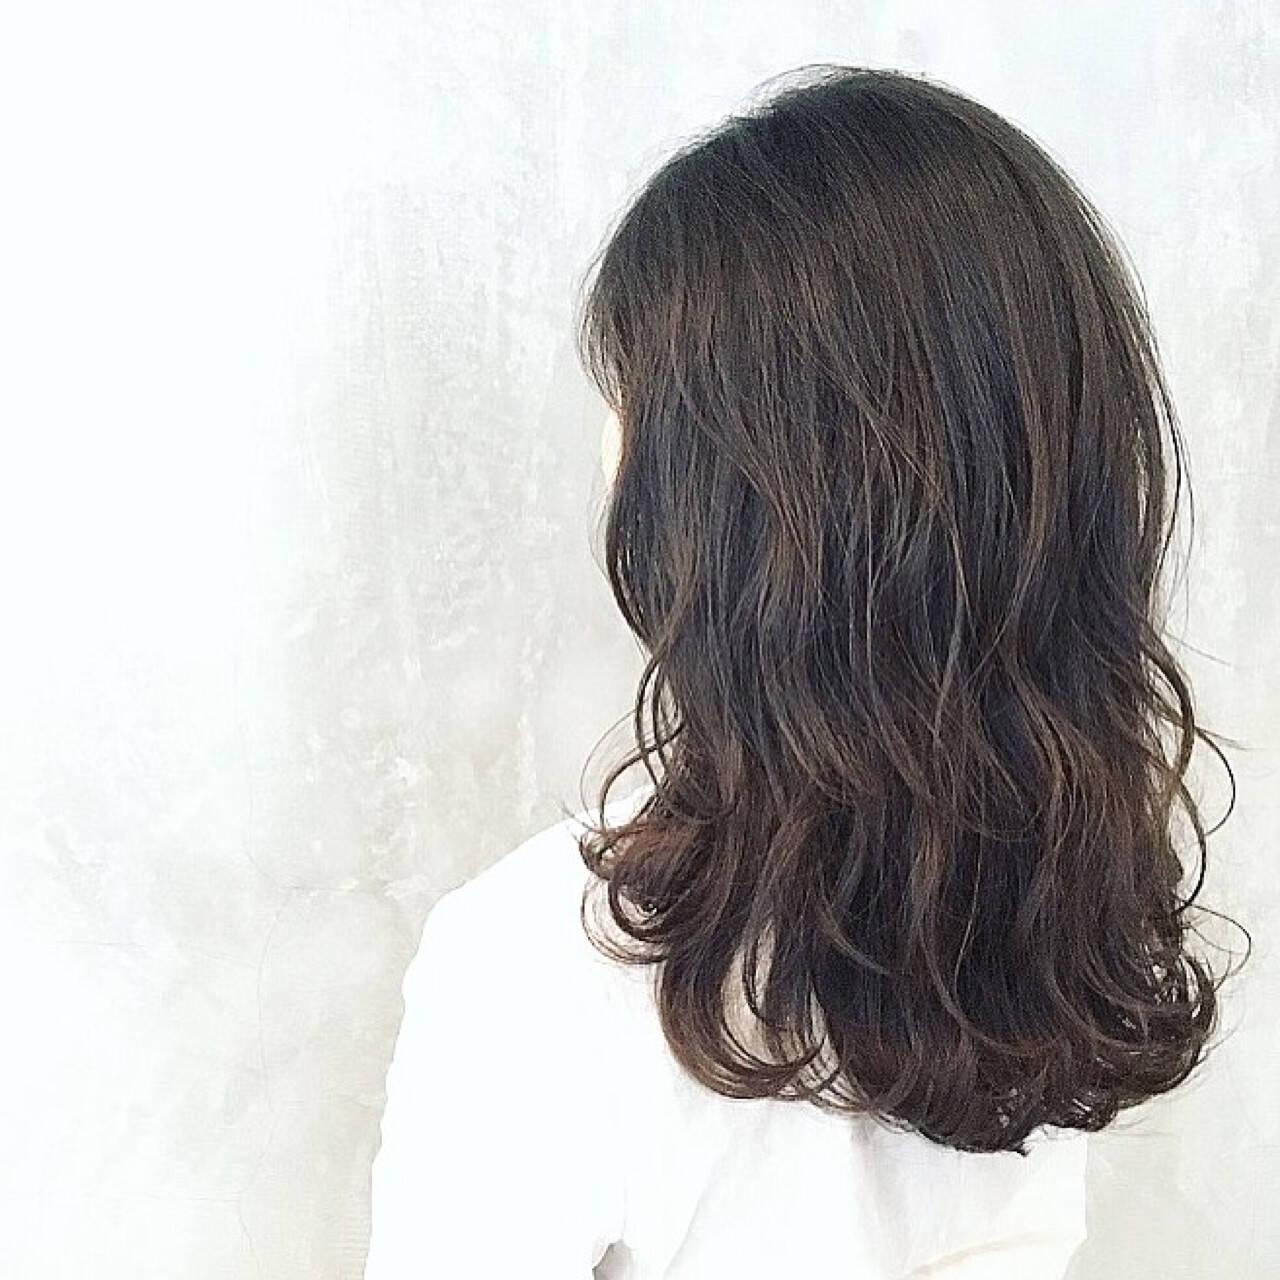 アッシュ 外国人風 パーマ ナチュラルヘアスタイルや髪型の写真・画像